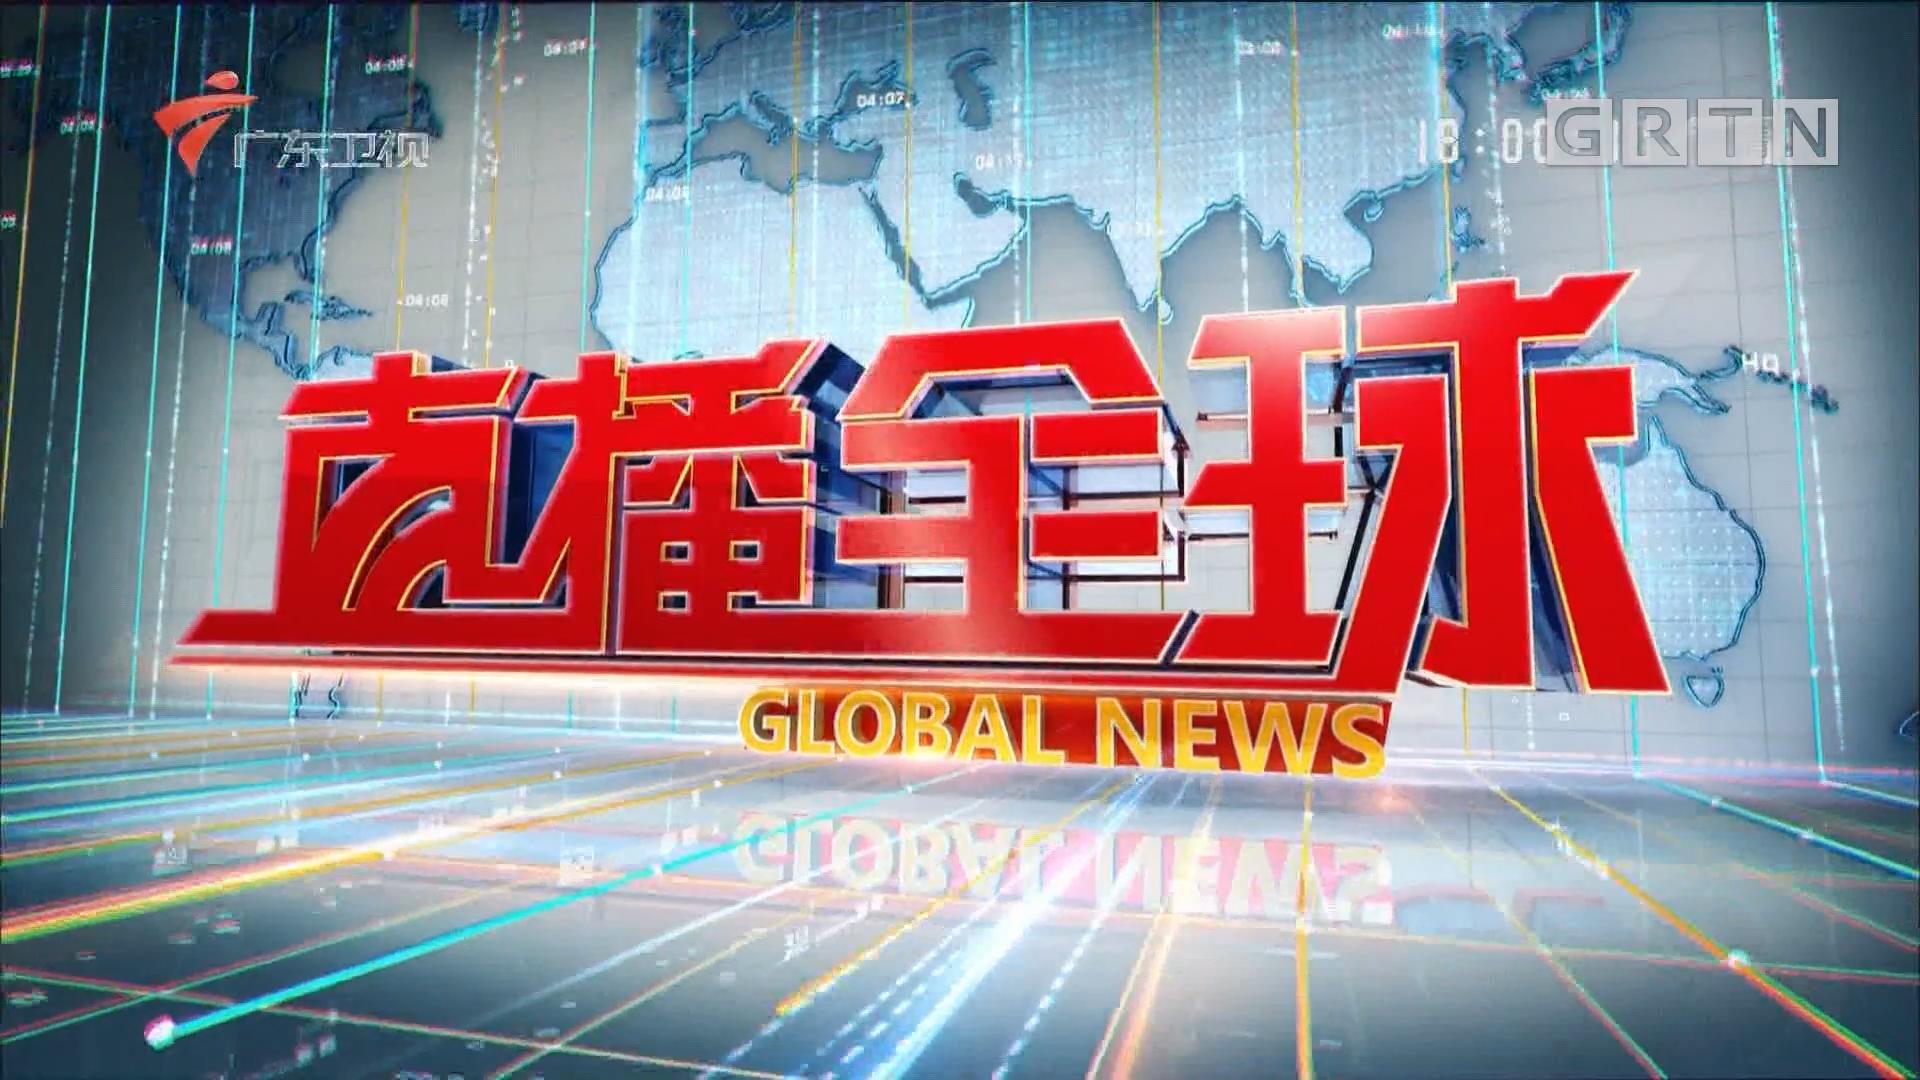 [HD][2019-01-31]直播全球:美国两党再谈判边境安全:拨款委员会主席呼吁彼此妥协达成协议